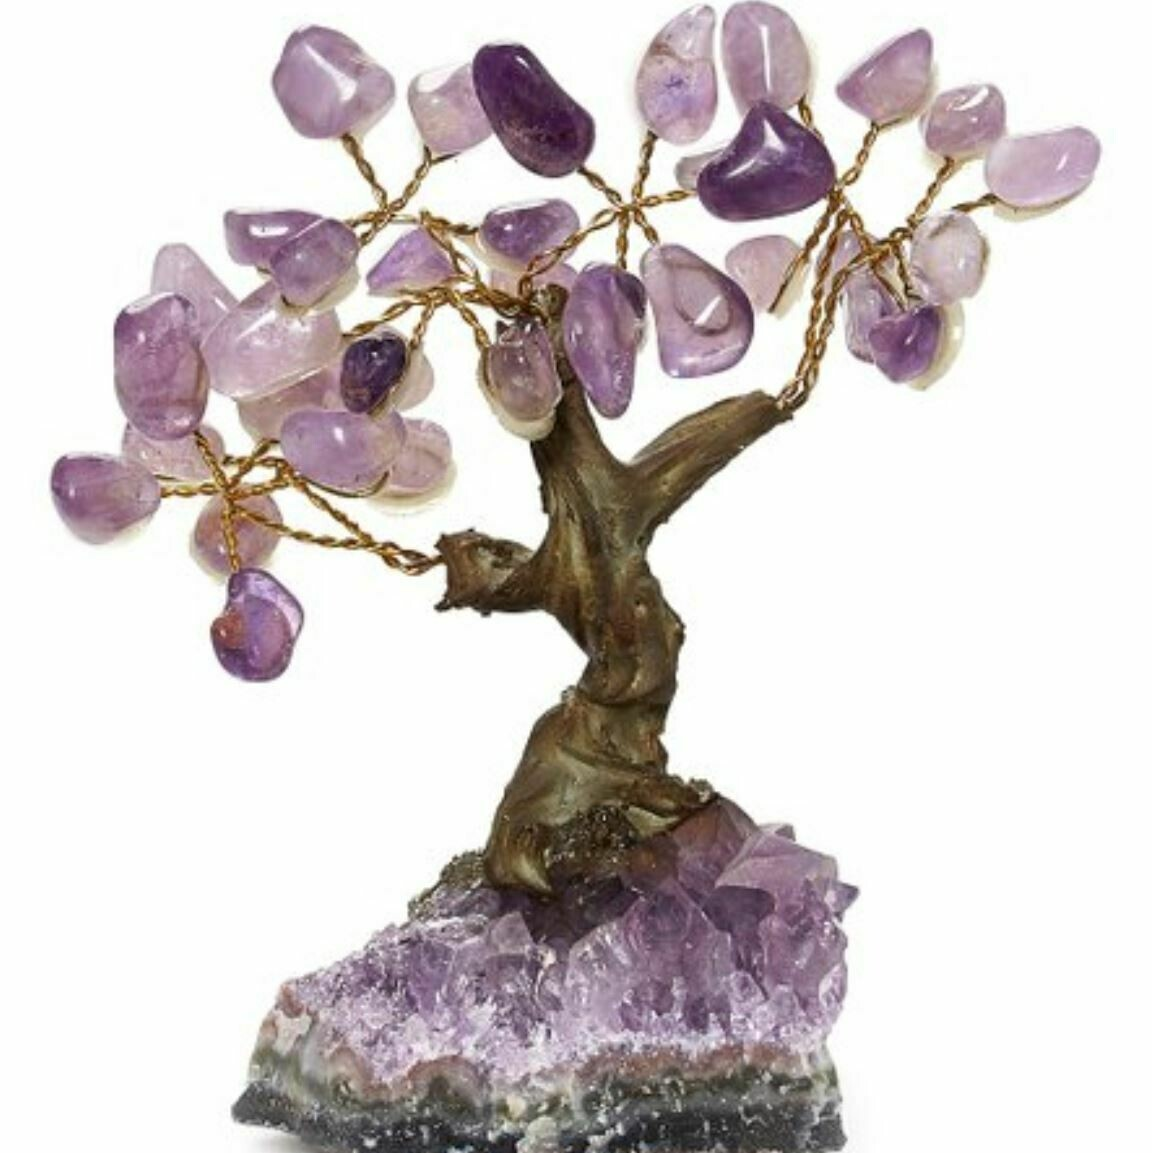 Bonsai Gemstone Tree Amethyst